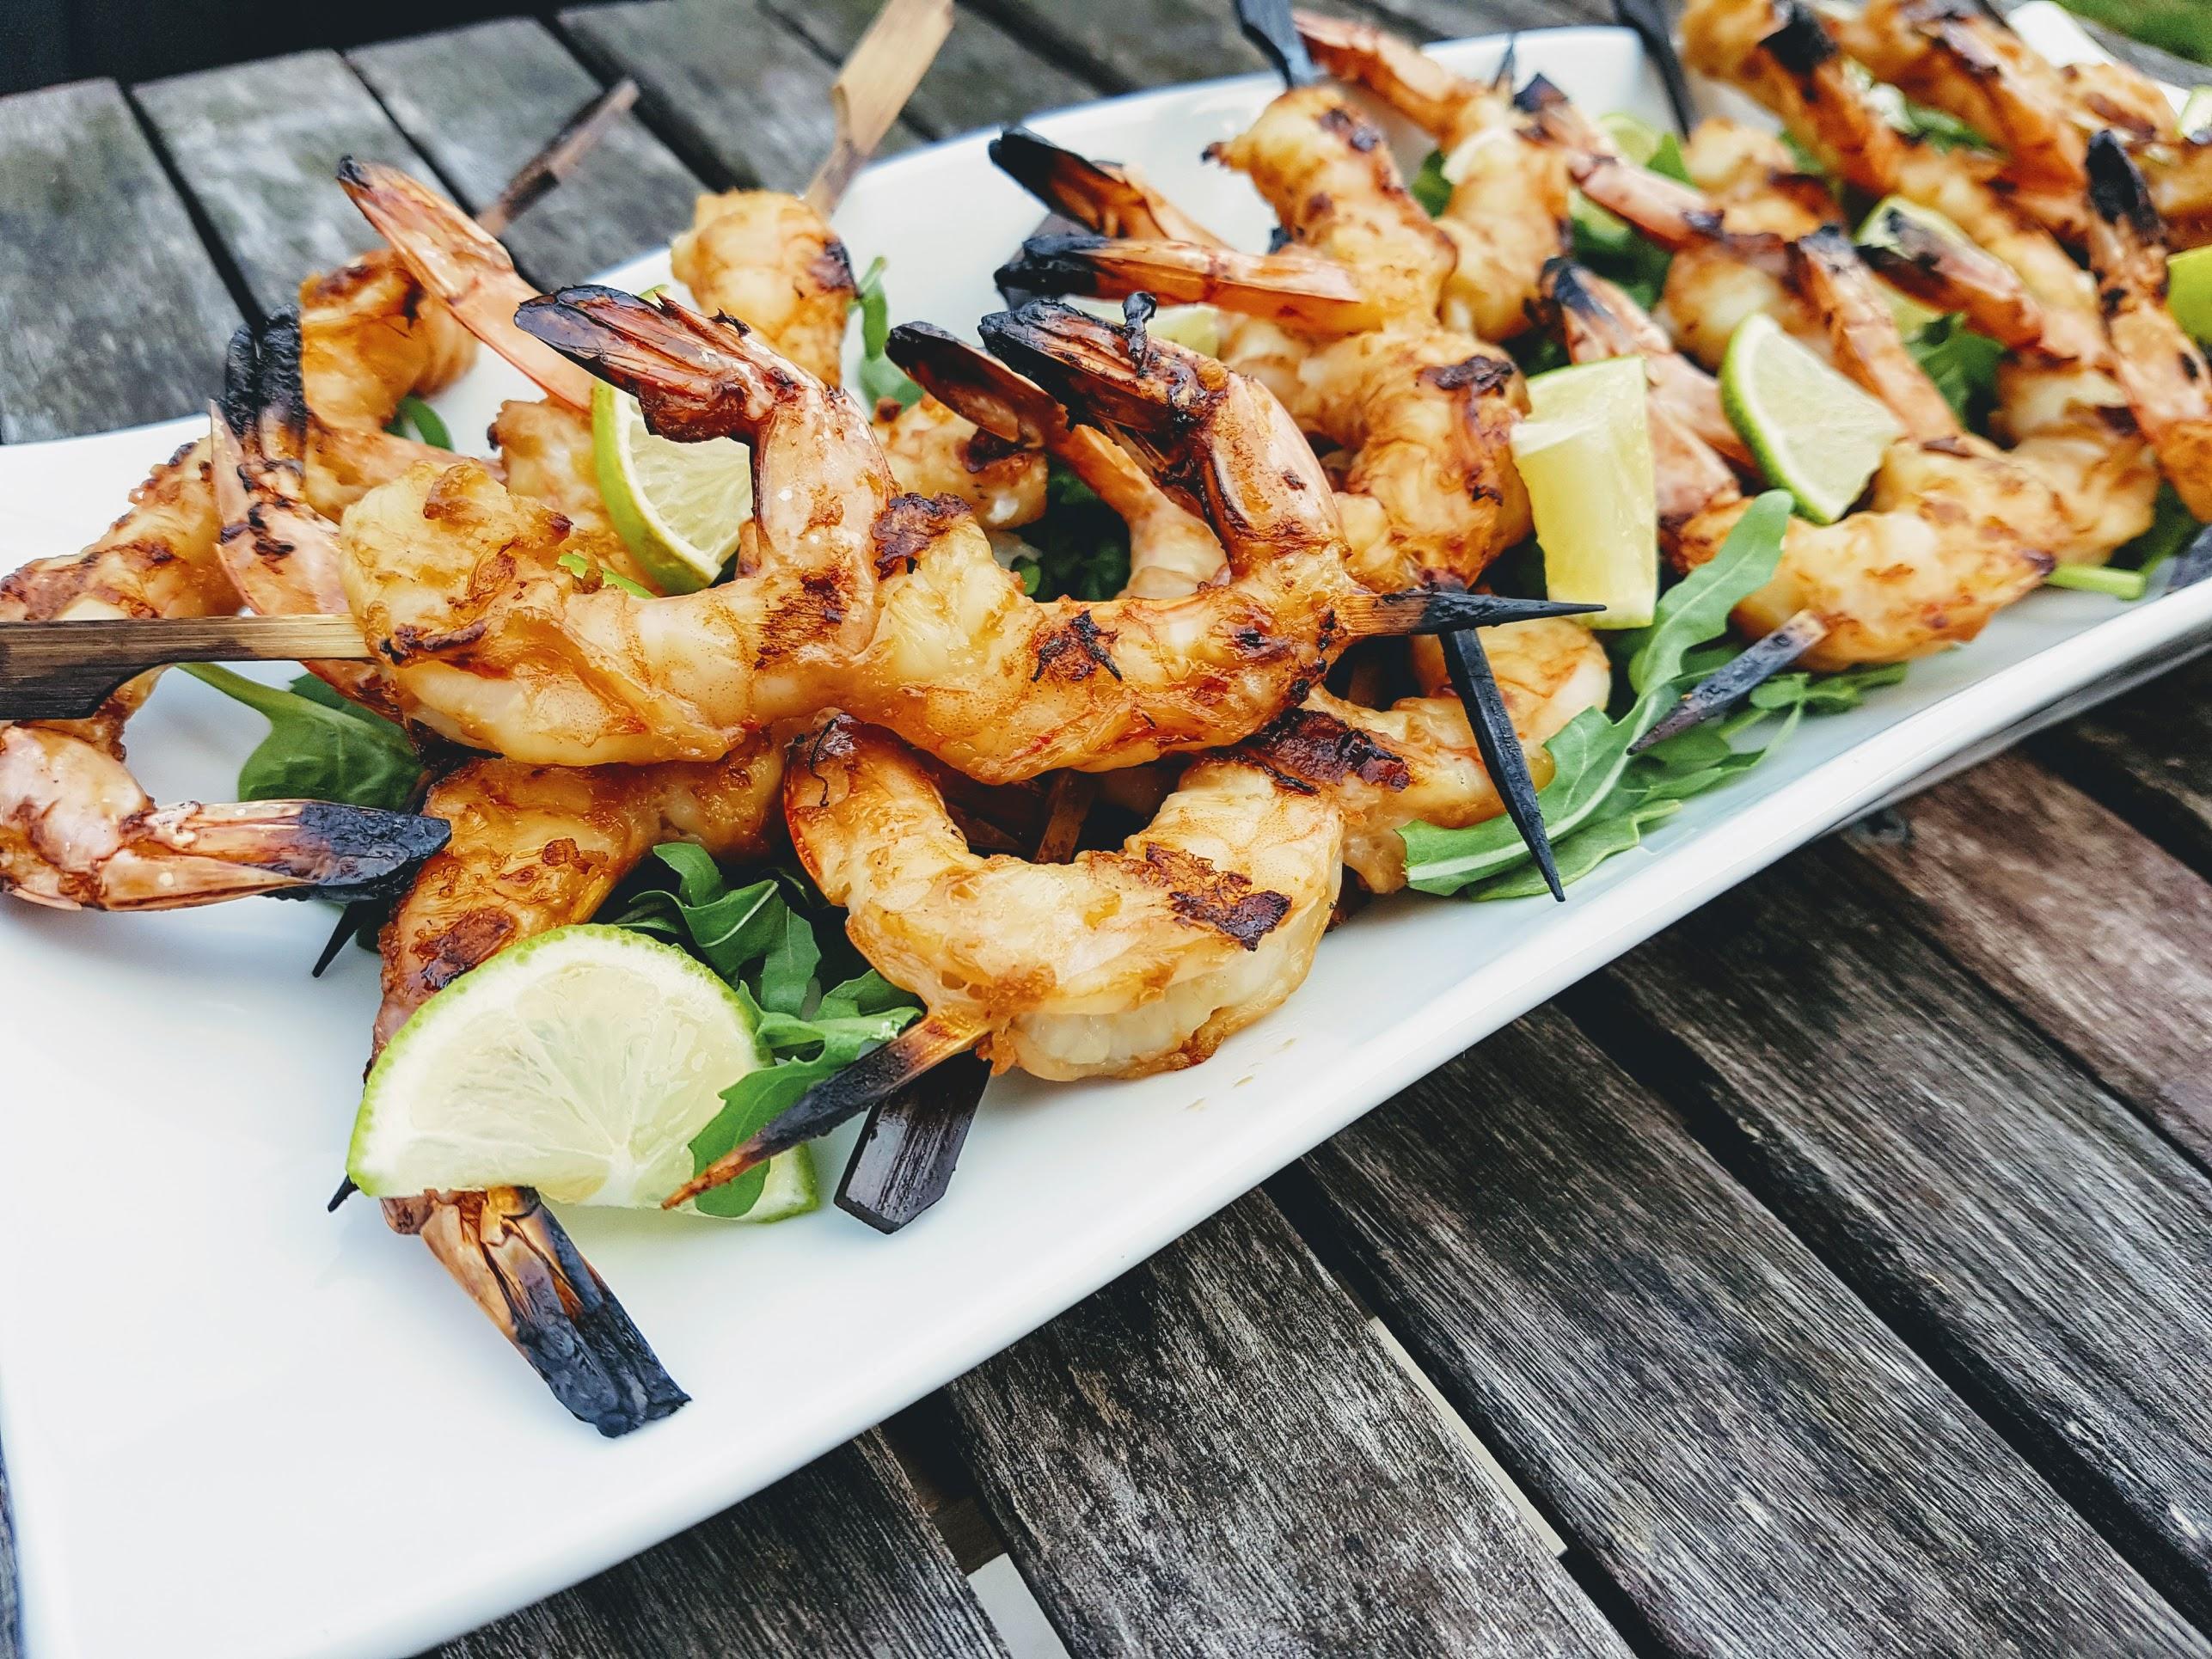 Pile of grilled shrimp skewers on a bed of arugula